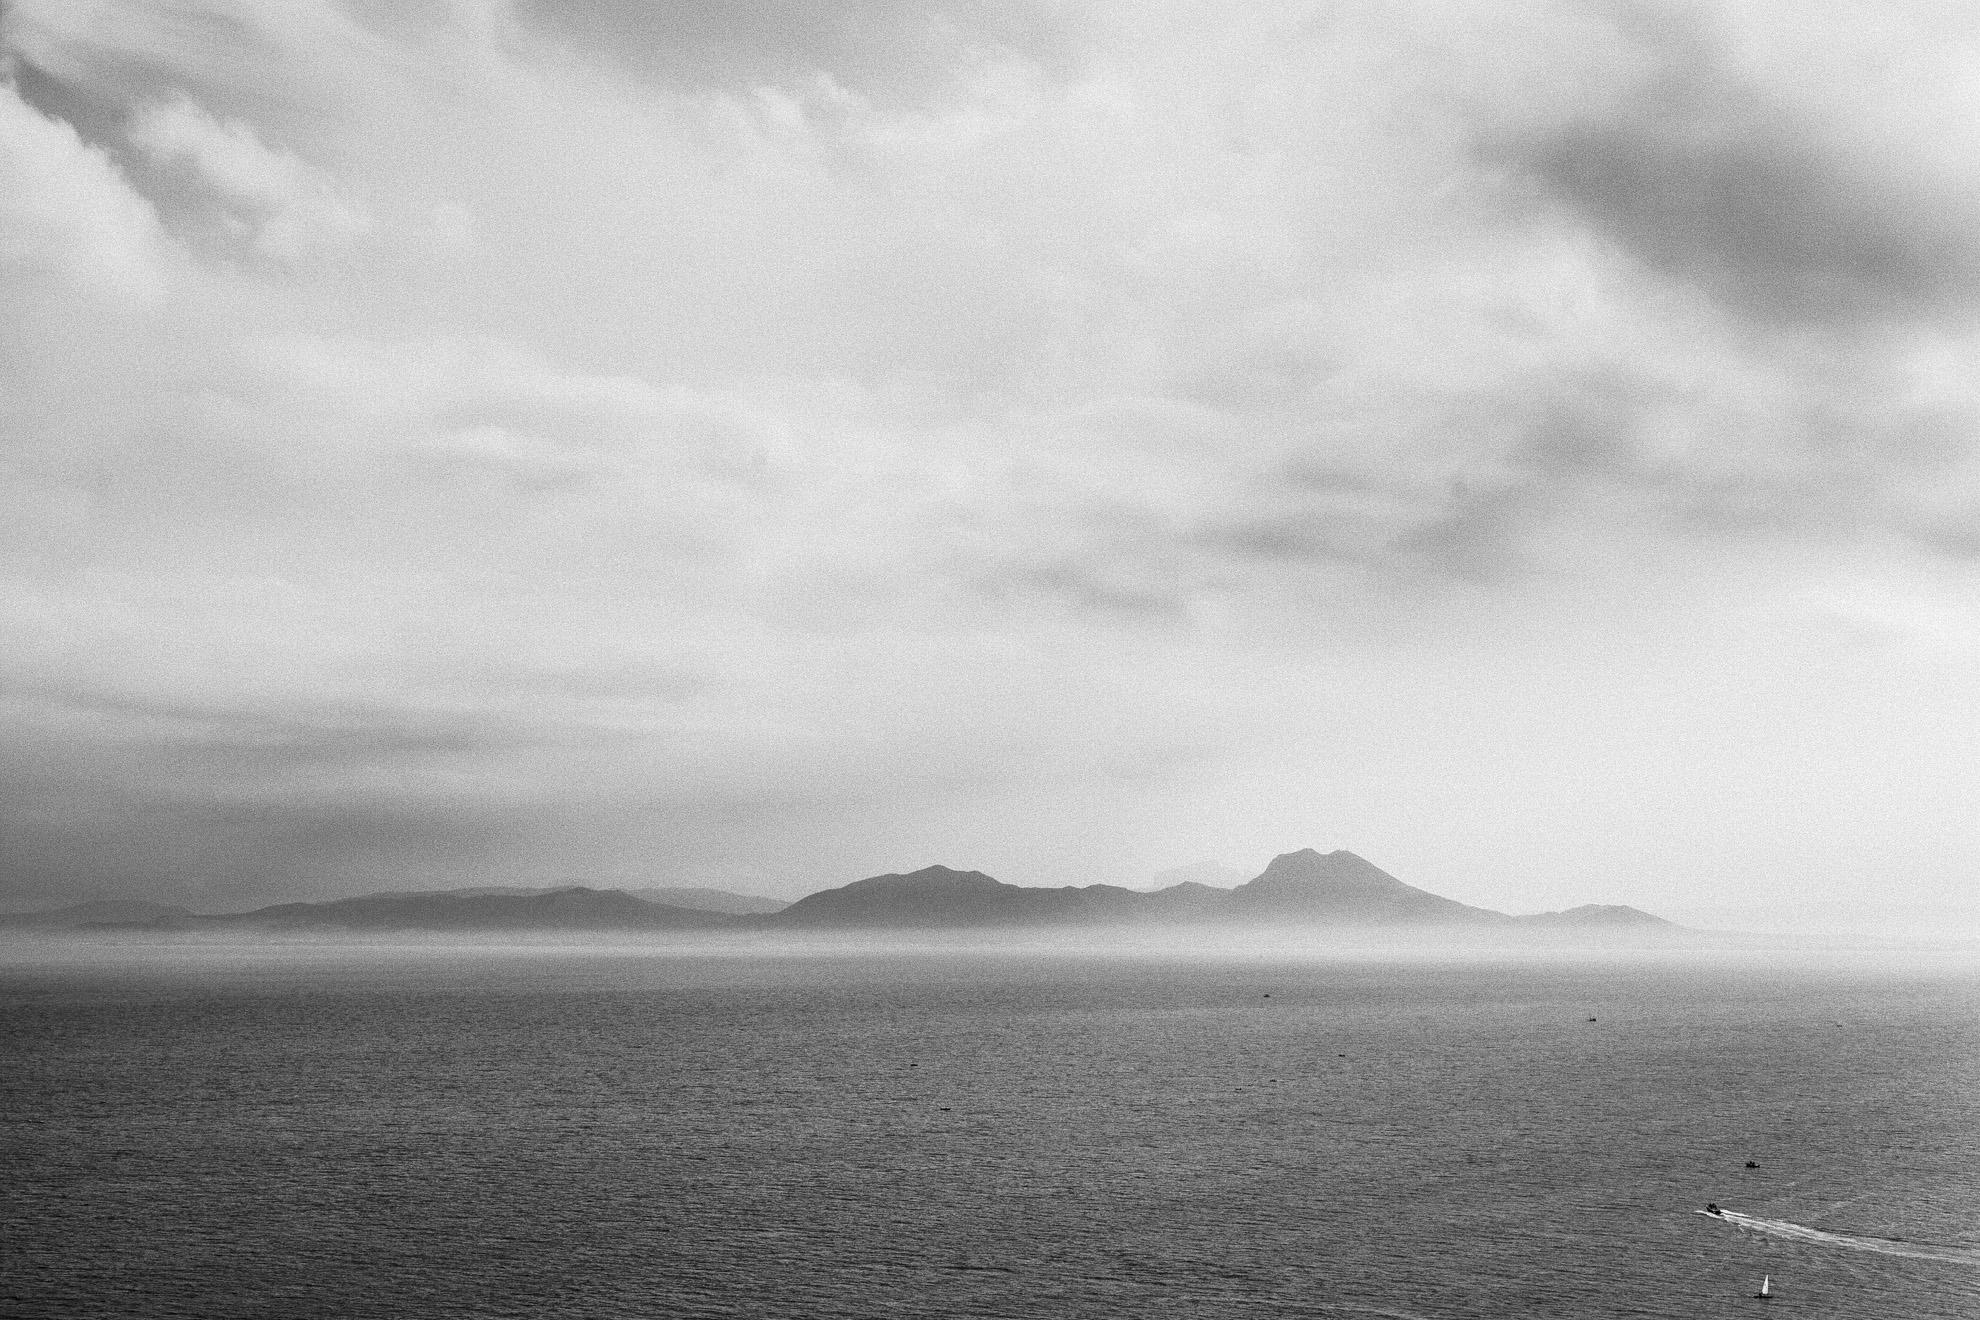 © Mehdi Drissi